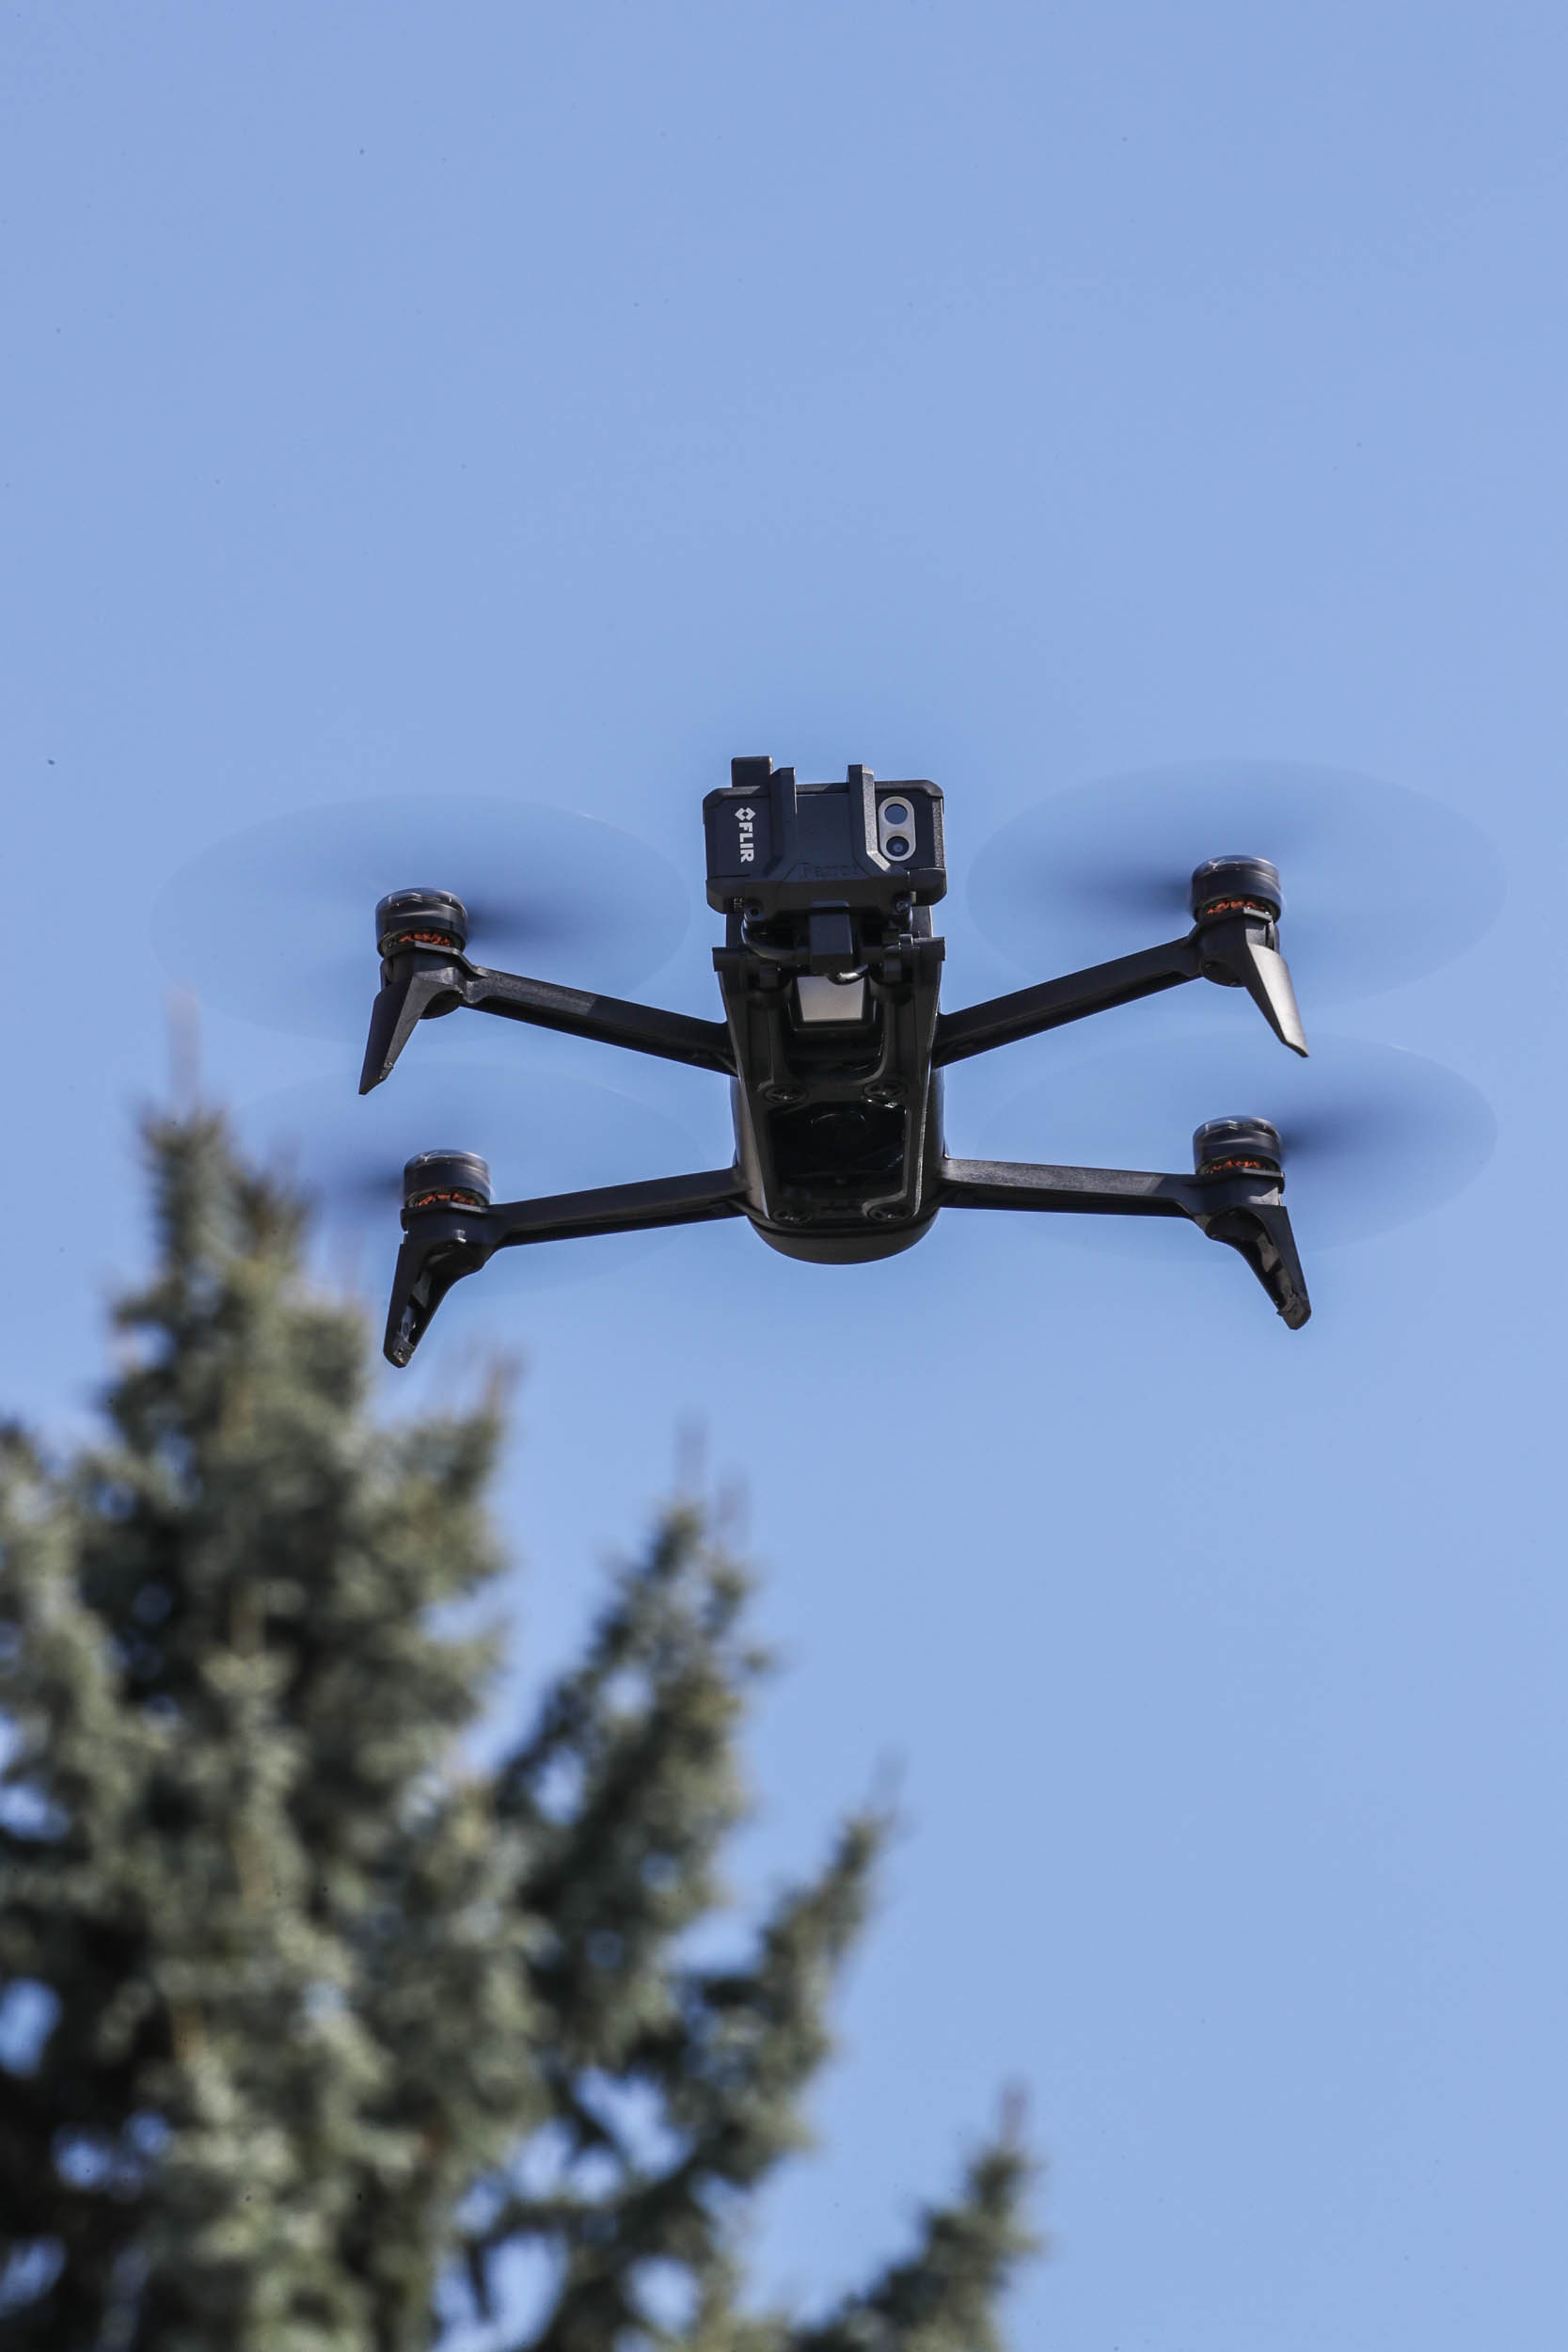 Acheter prix drone japon drone pour enfant